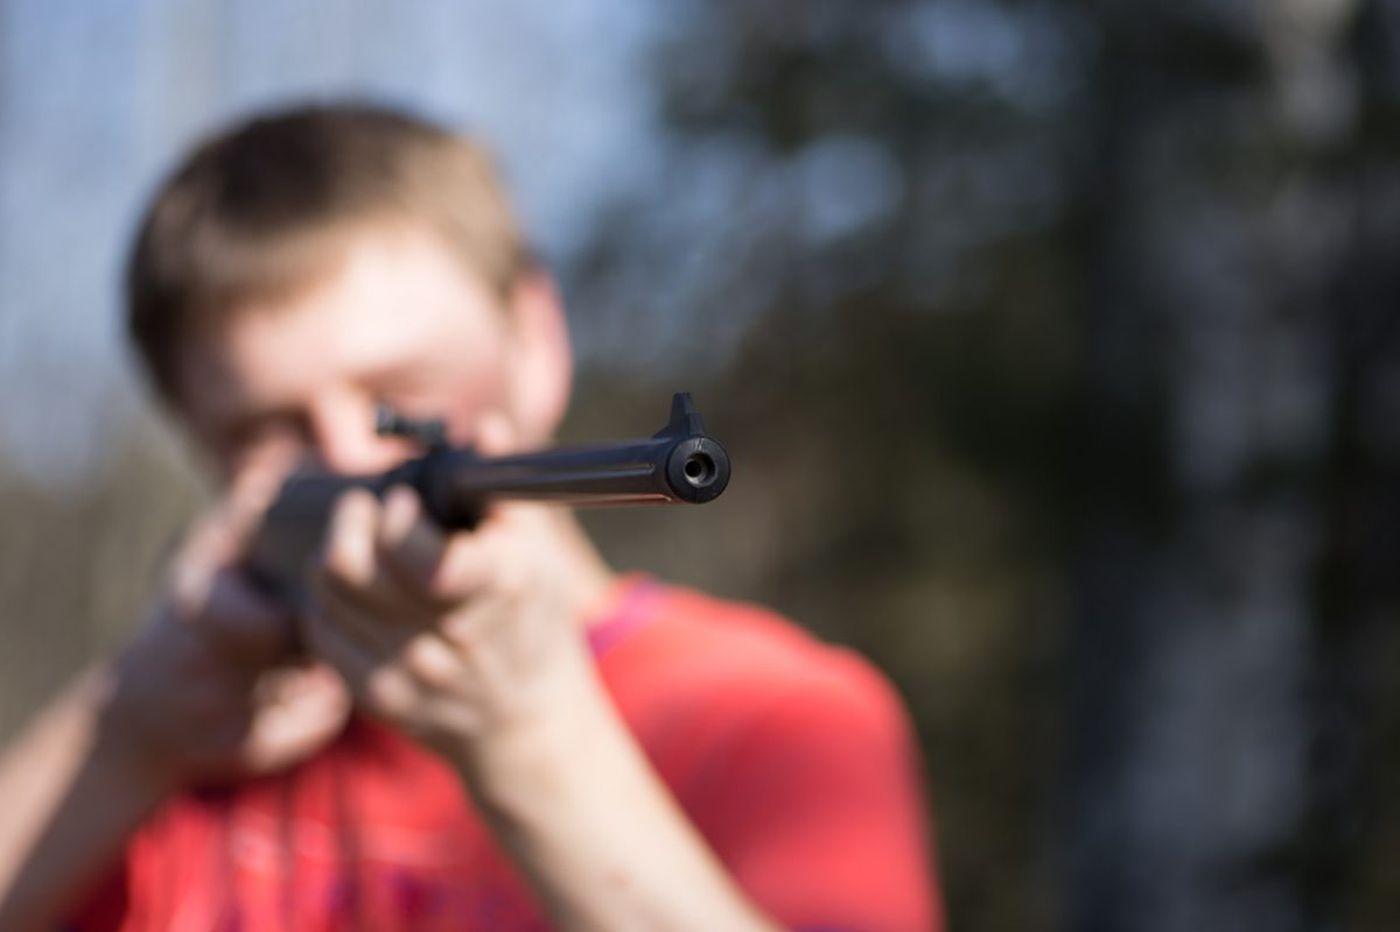 Eye injuries from air guns increasing among children